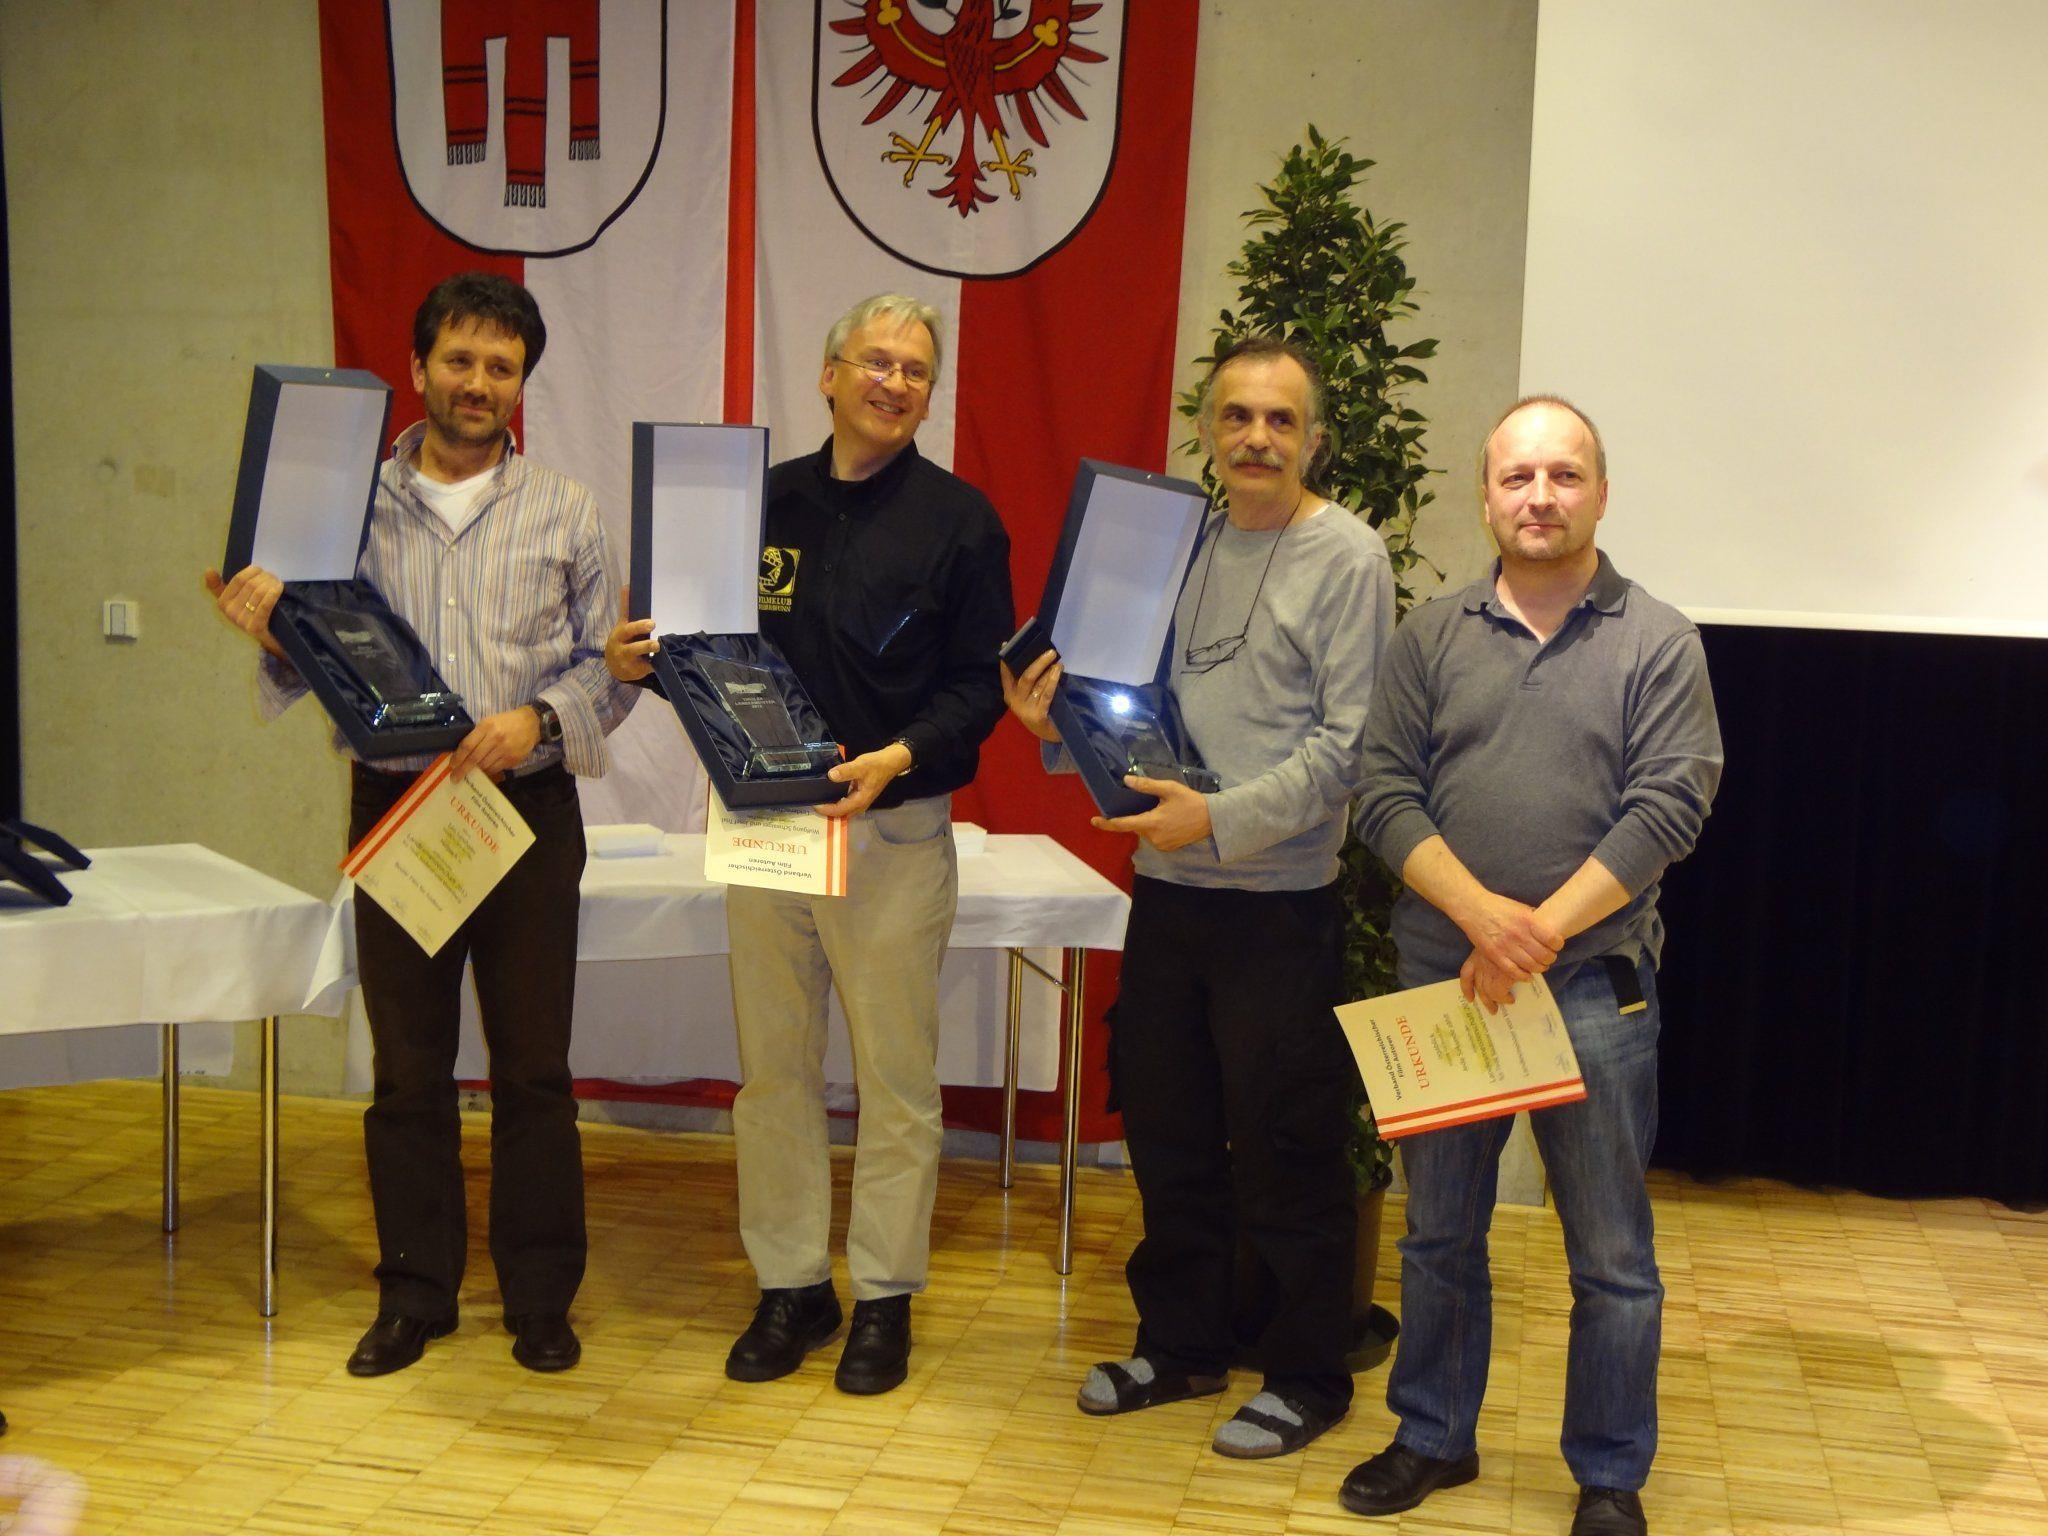 Foto von links: Leo Lanthaler, LM von Südtirol Wolfgang Schwaiger, LM von Tirol Wolfgang Tschallener und Werner Fischer, LM von Vorarlberg